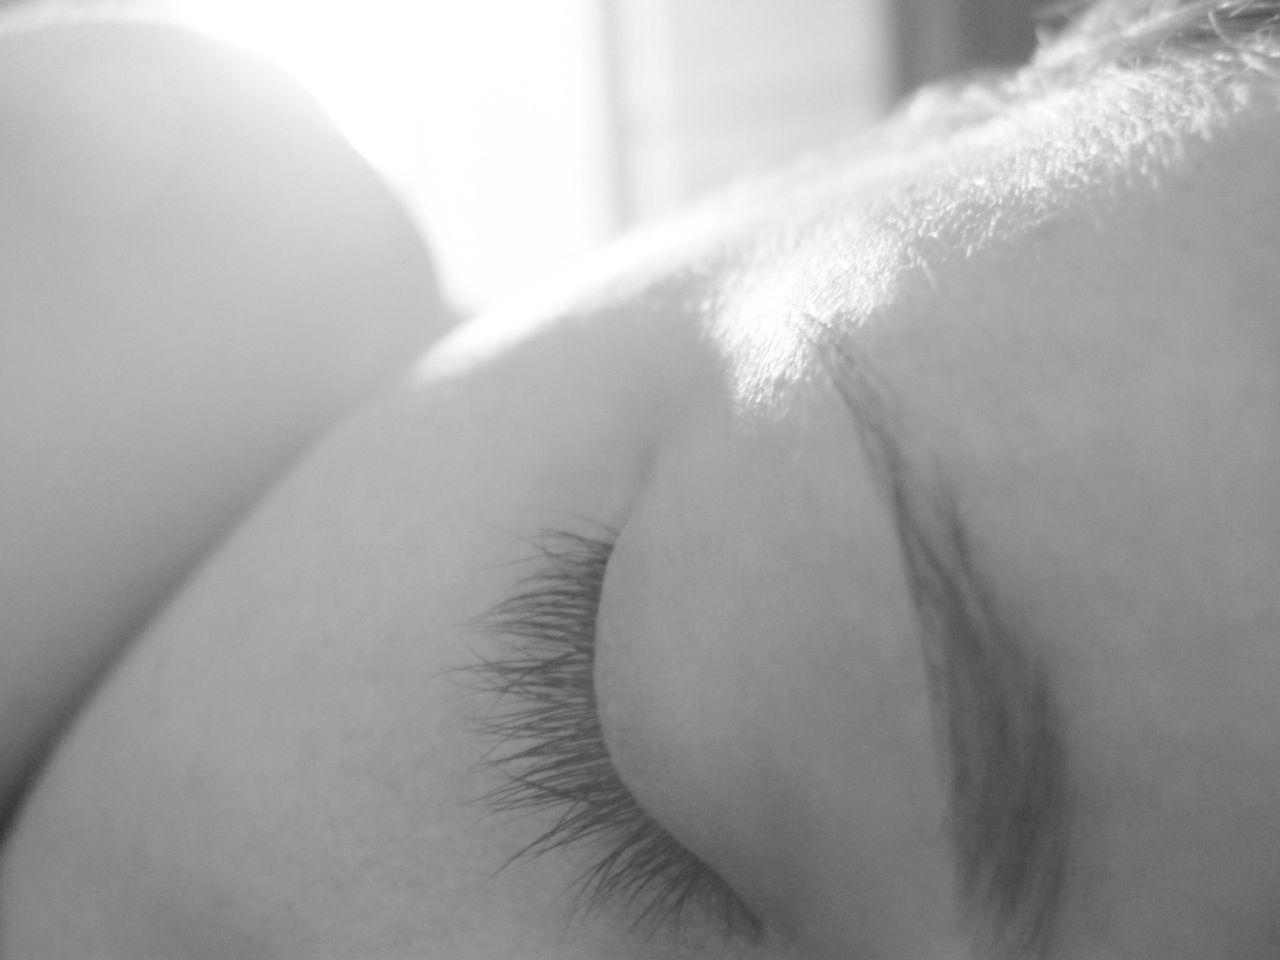 In slaap vallen door wakker te blijven